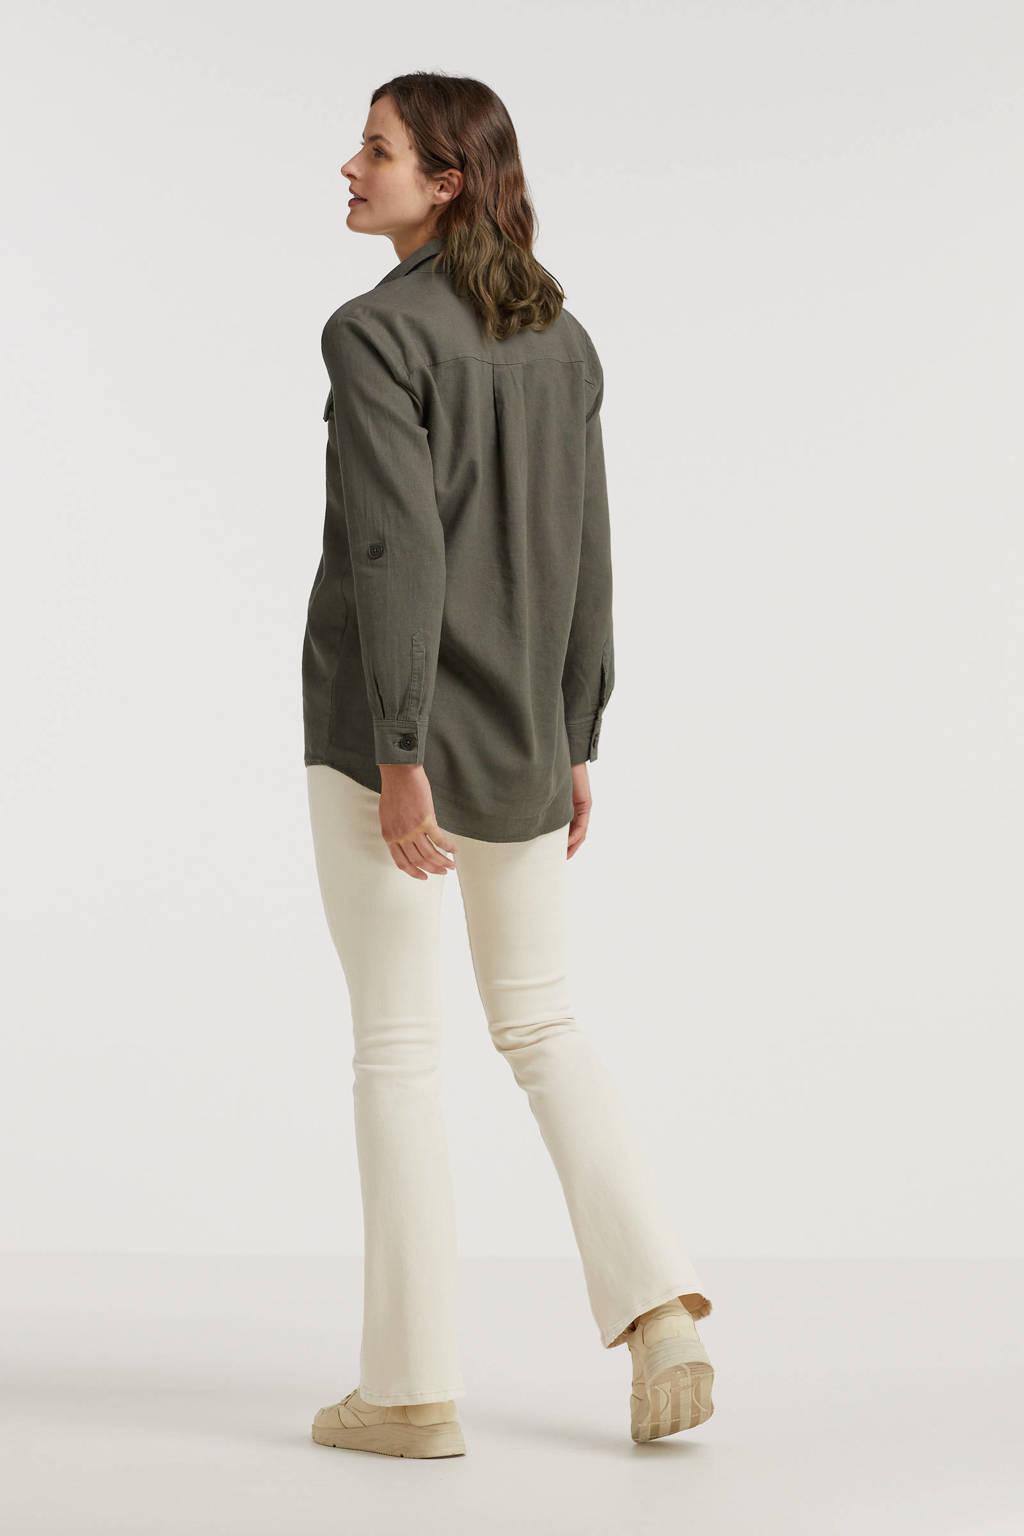 FREEQUENT blouse FQLAVA-SH olijfgroen, Olijfgroen